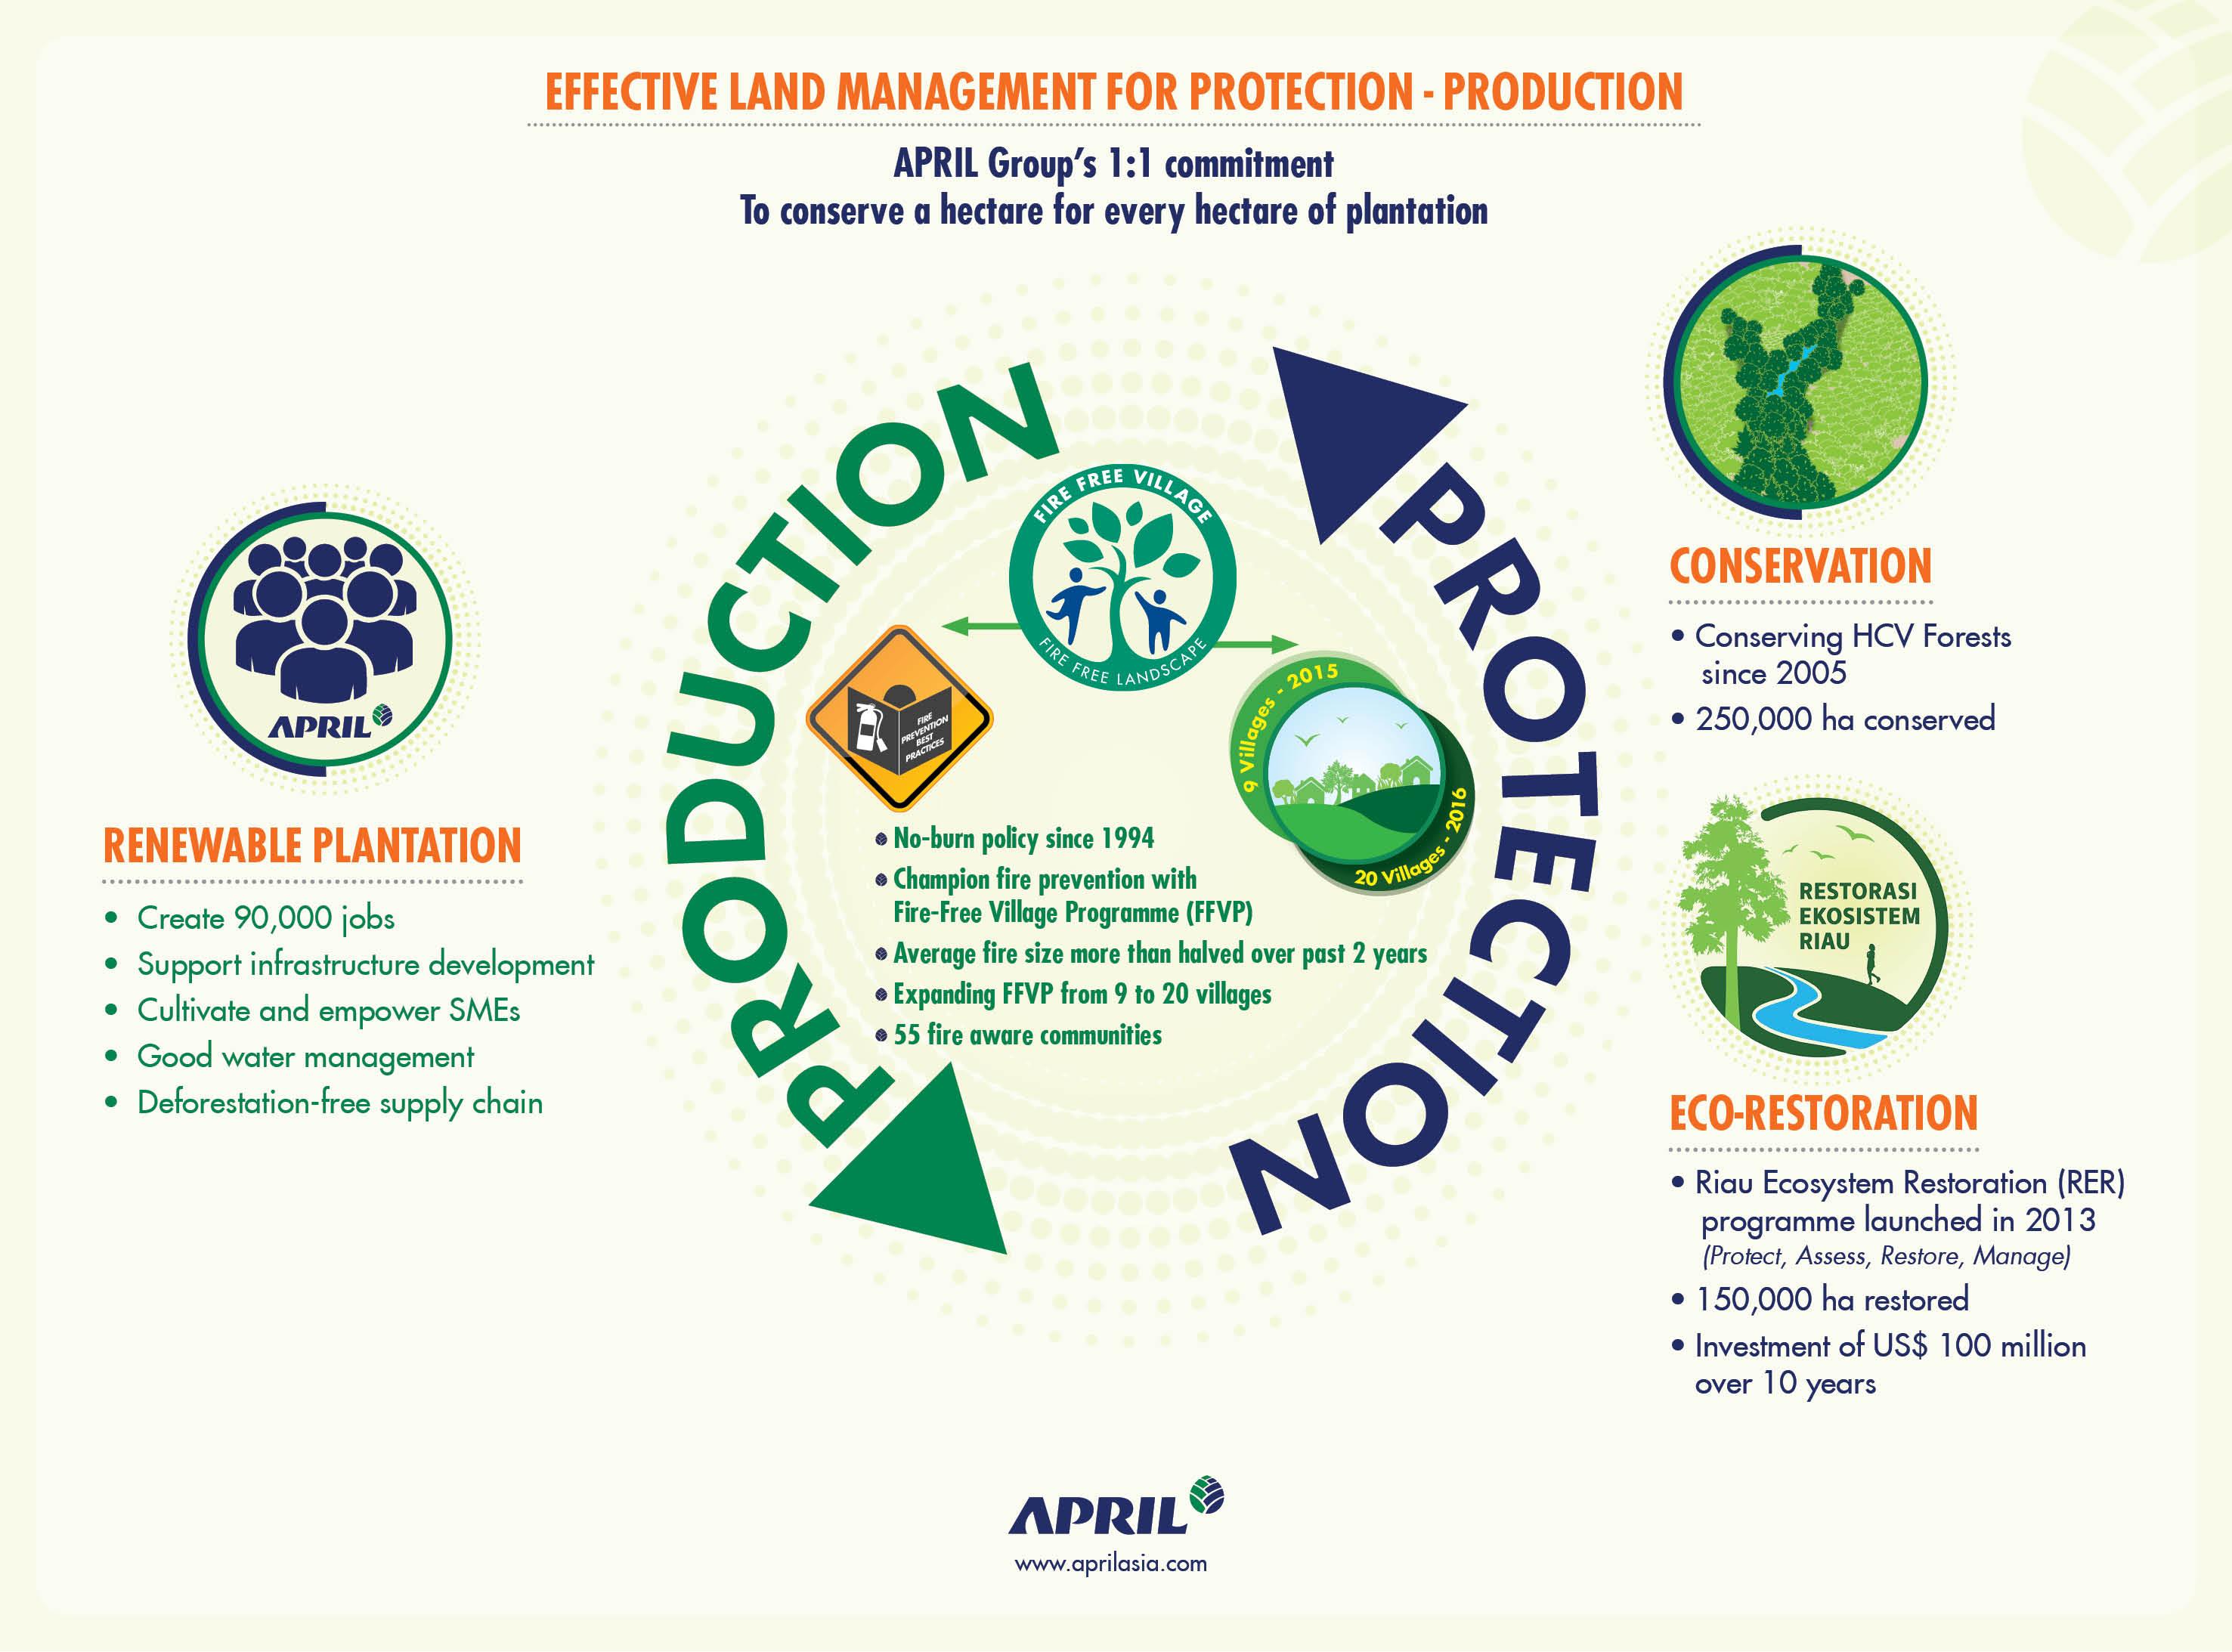 APRIL infographic - APRIL Group land management